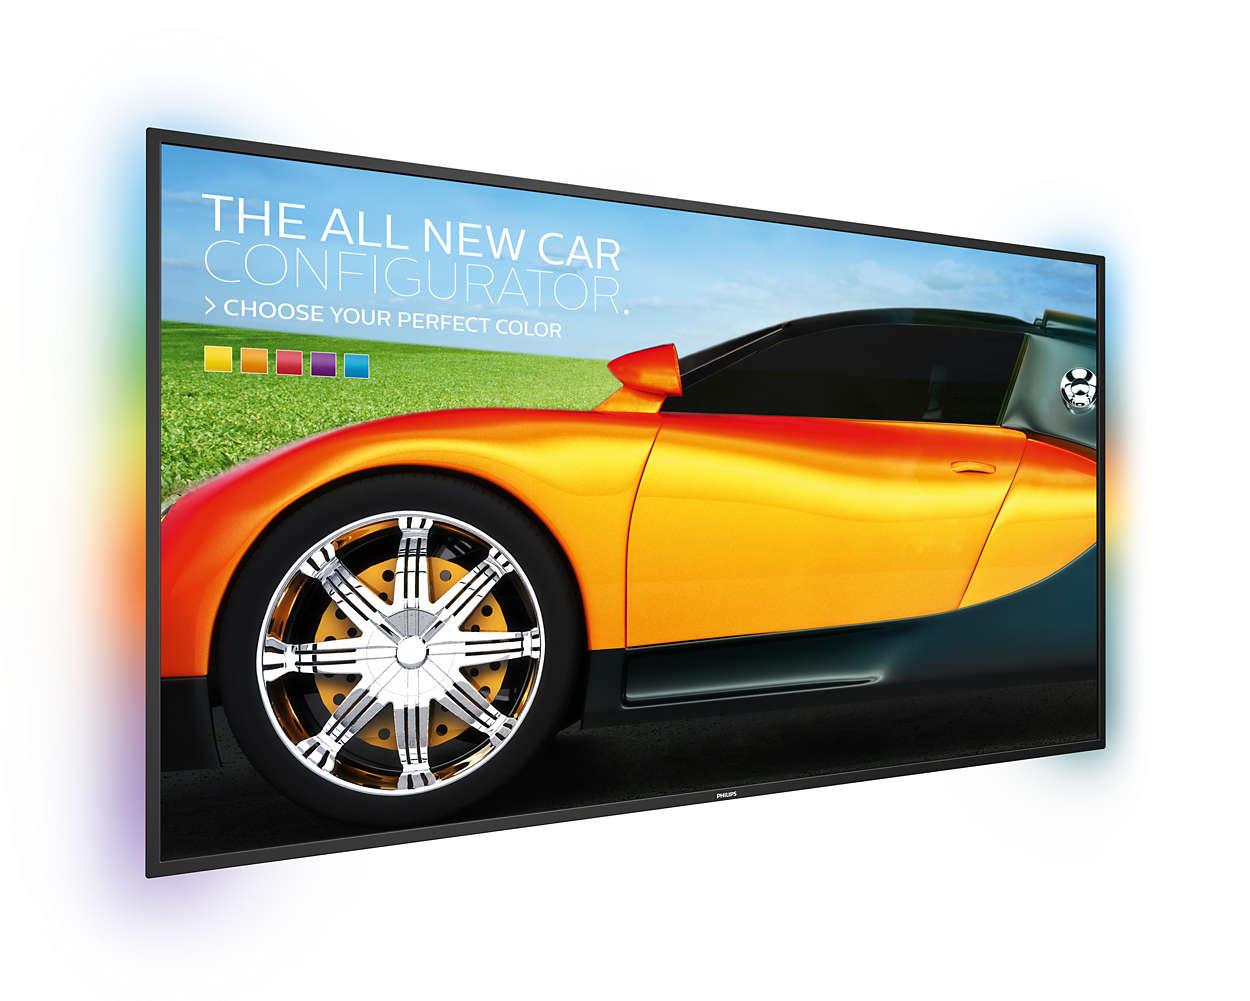 Przekaz informacyjno-reklanowy na jeszcze większym ekranie